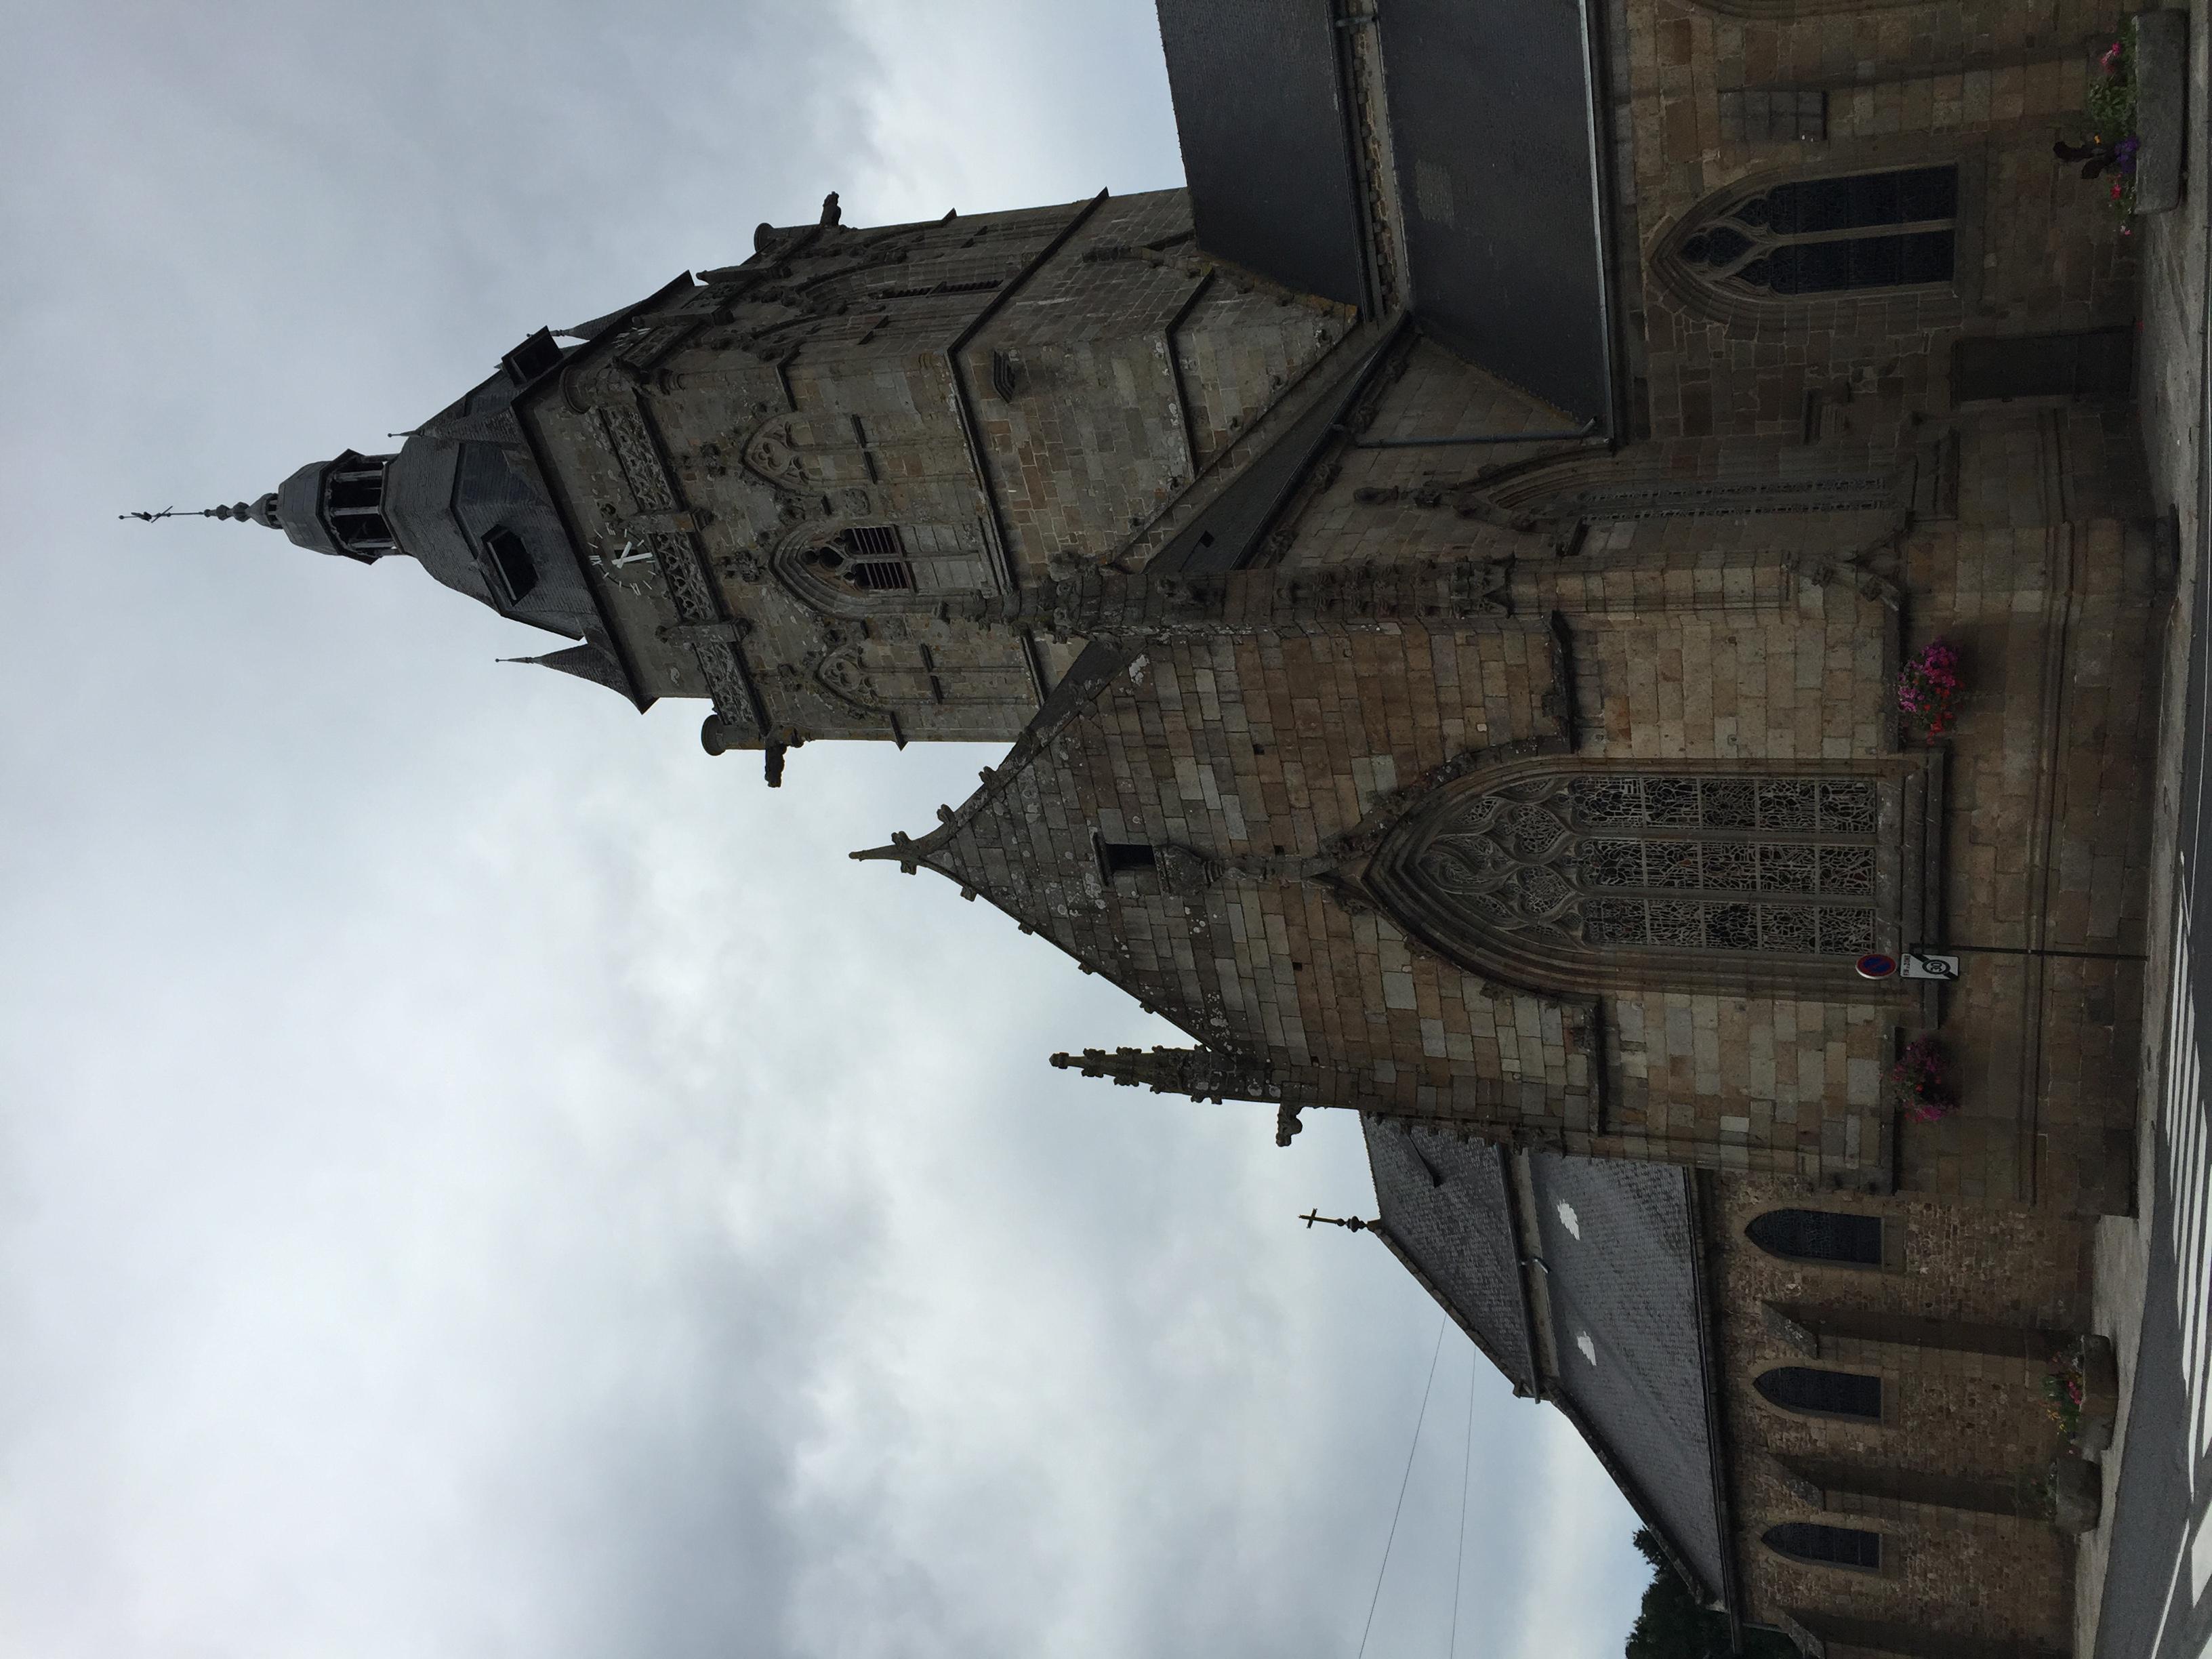 Villedieu-les-Poêles église clock tower.